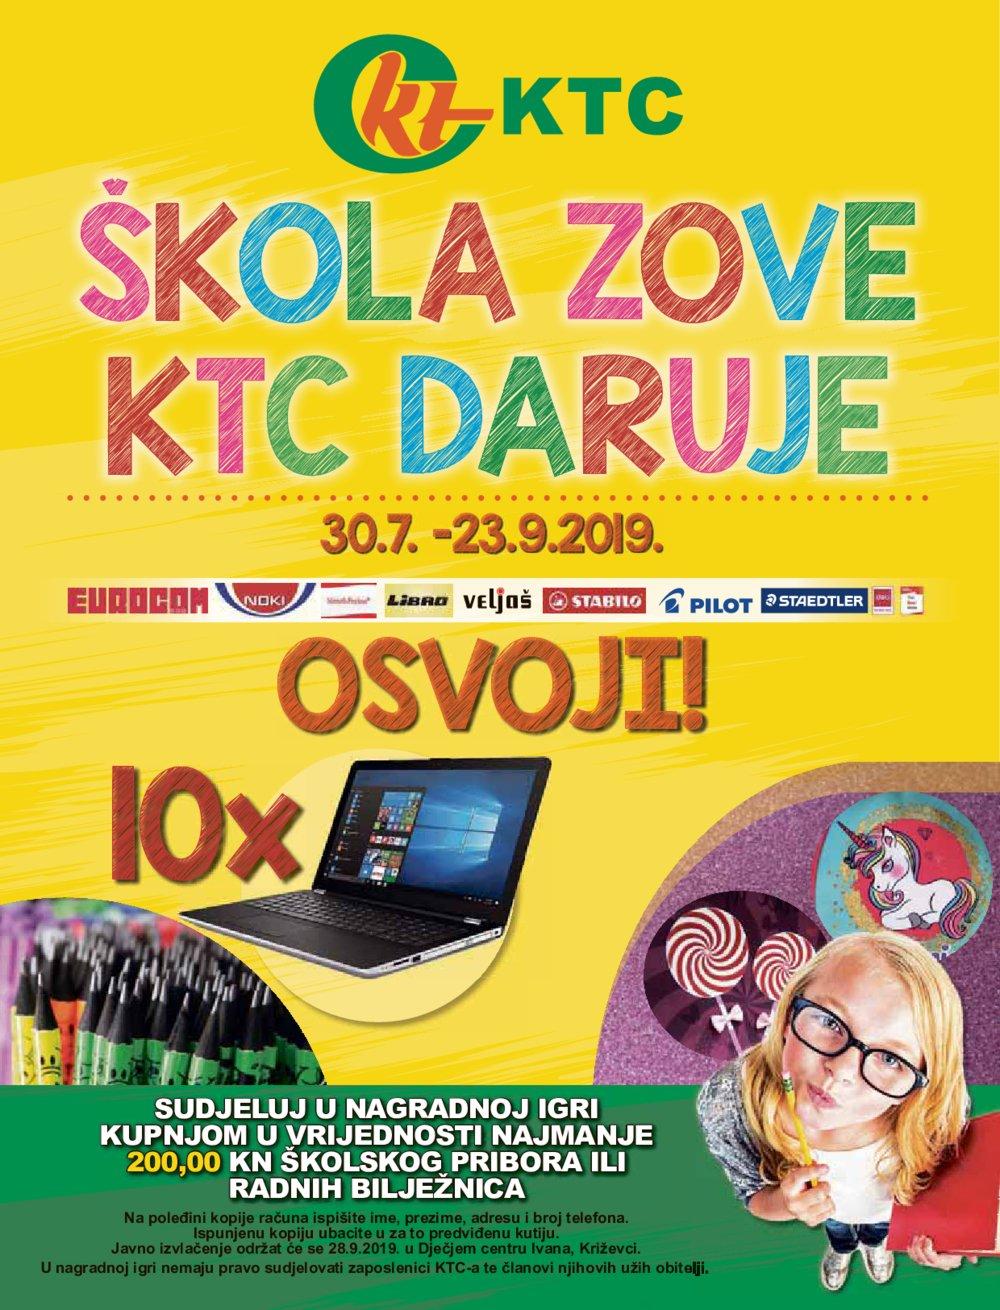 KTC katalog Sve u pola cijene 14.08.-21.08.2019.